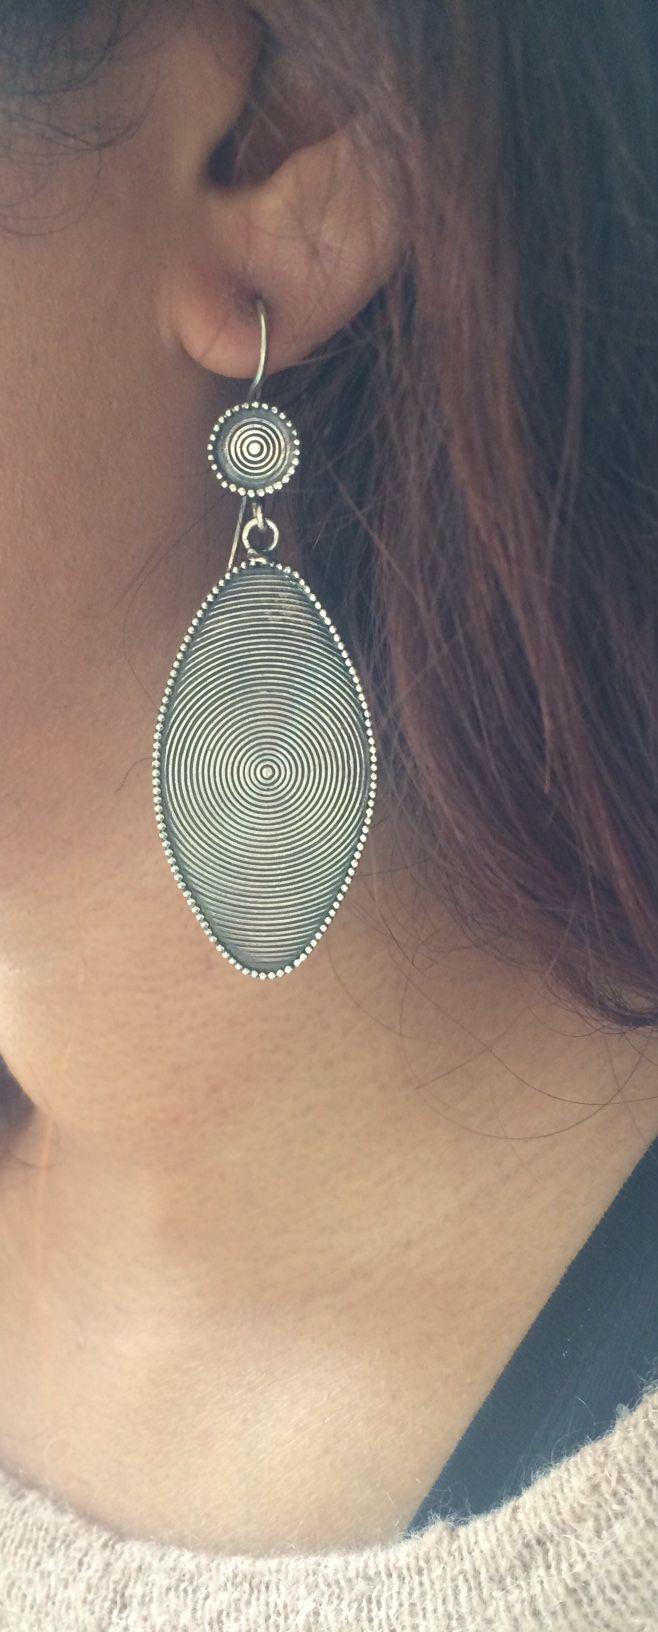 Long drop swirl earrings #silverearrings #swirldesign #longdropearrings #longdrop #handmade  Shop at www.etsy.com/au/shop/ChrisRoseBijoux